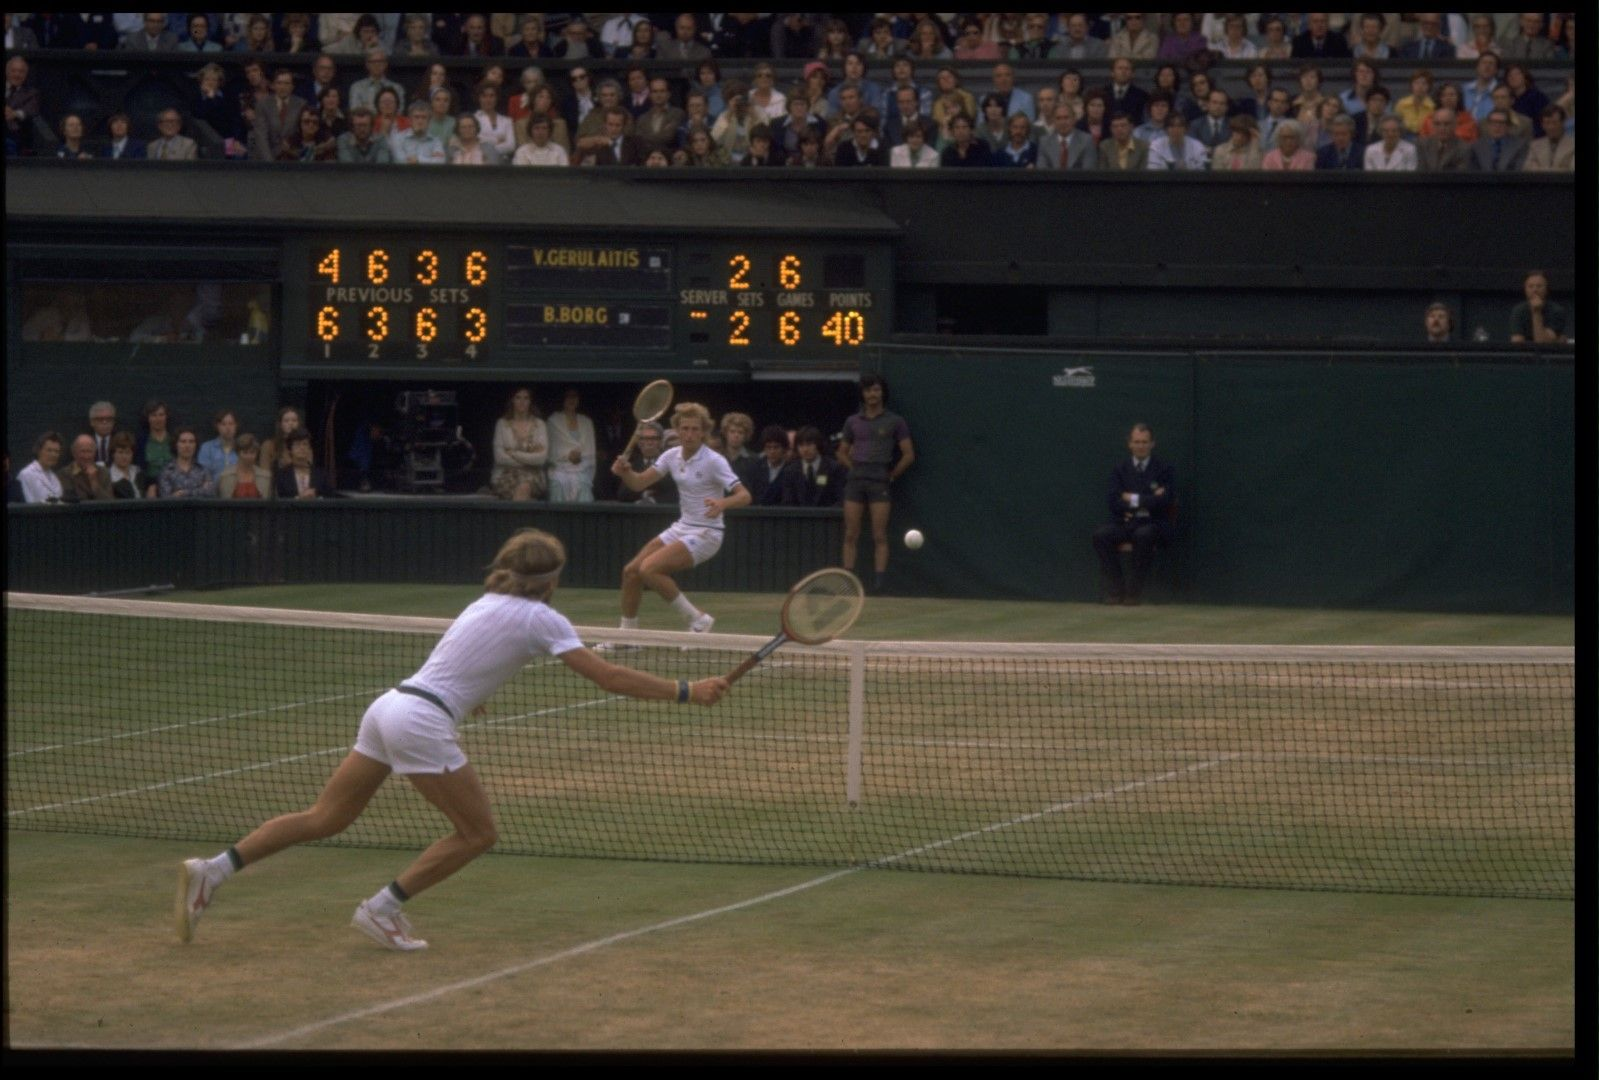 1977 г. Бьорн Борг  спечели втора от общо пет титли с фантастична трисетова драма срещу Конърс. Това е полуфиналният двубой